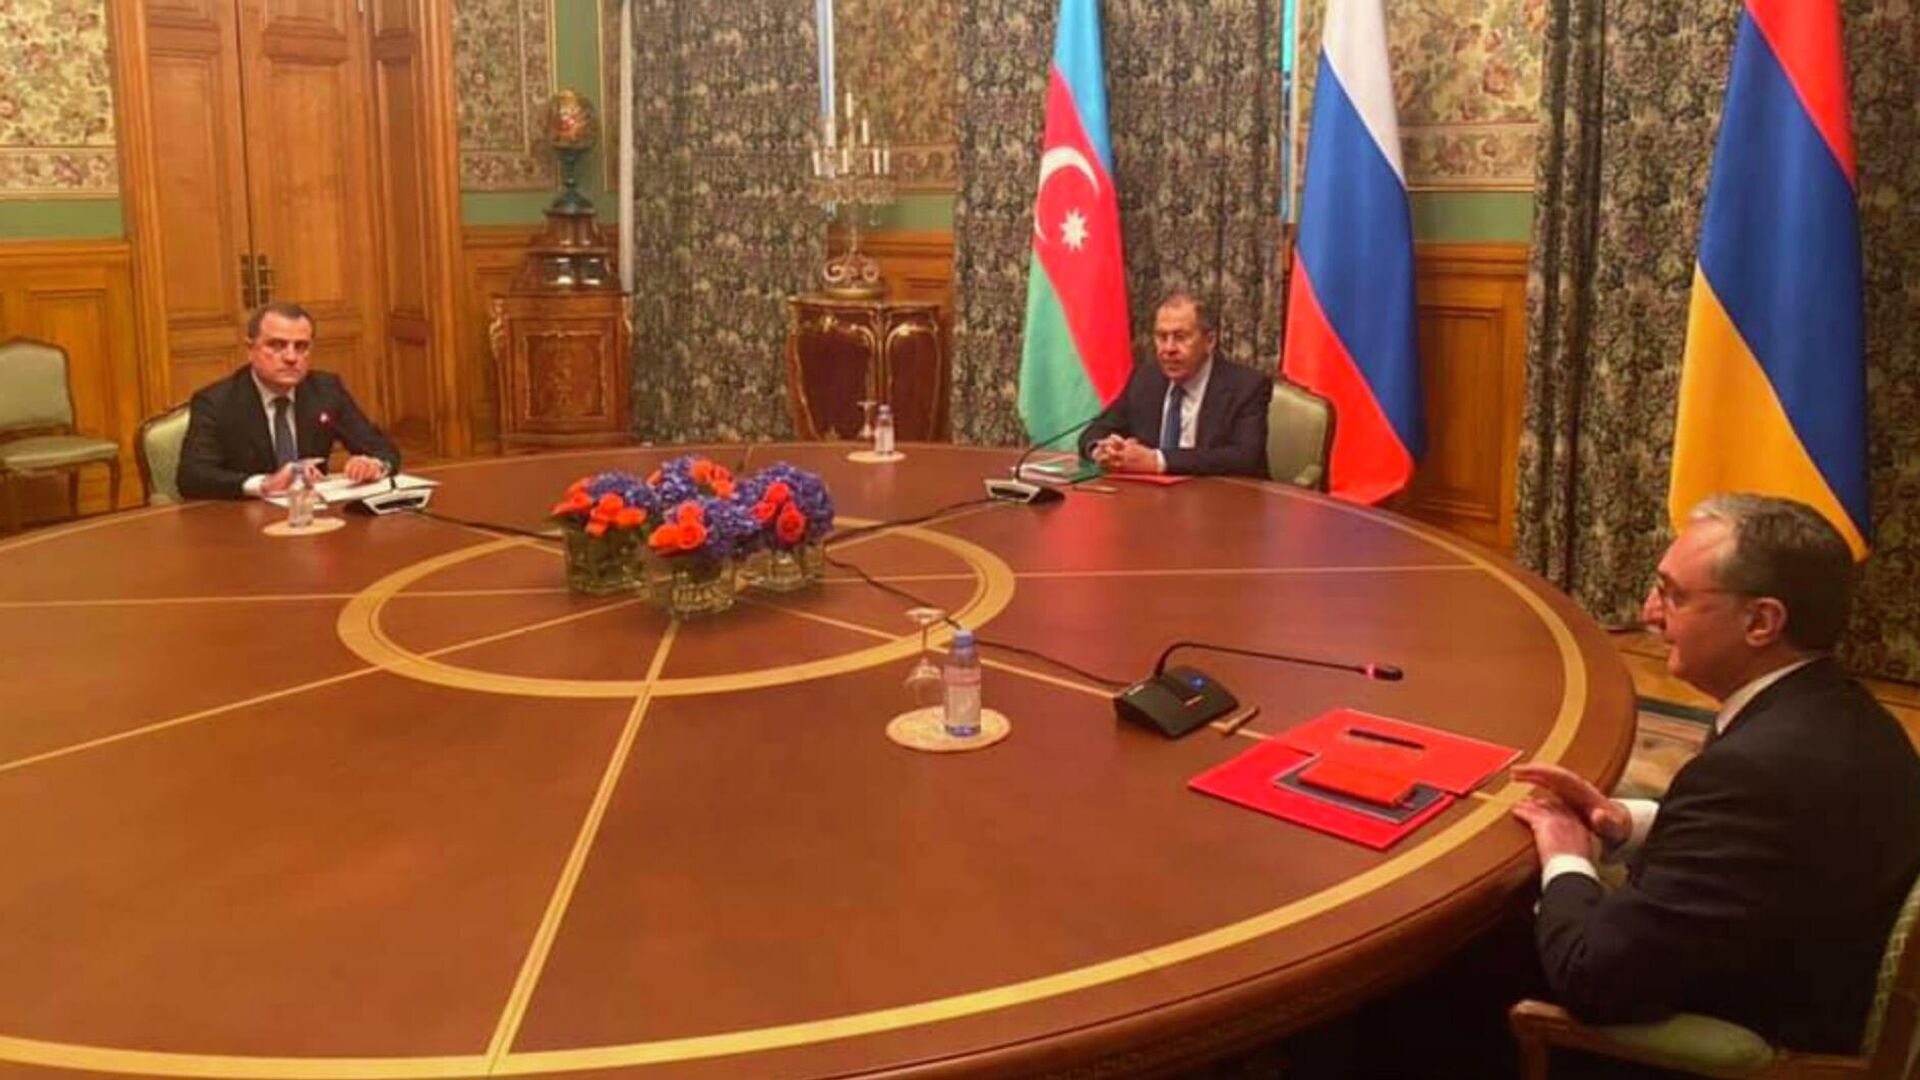 Трехсторонние переговоры Министров иностранных дел Азербайджана, Армении и России  - РИА Новости, 1920, 21.10.2020